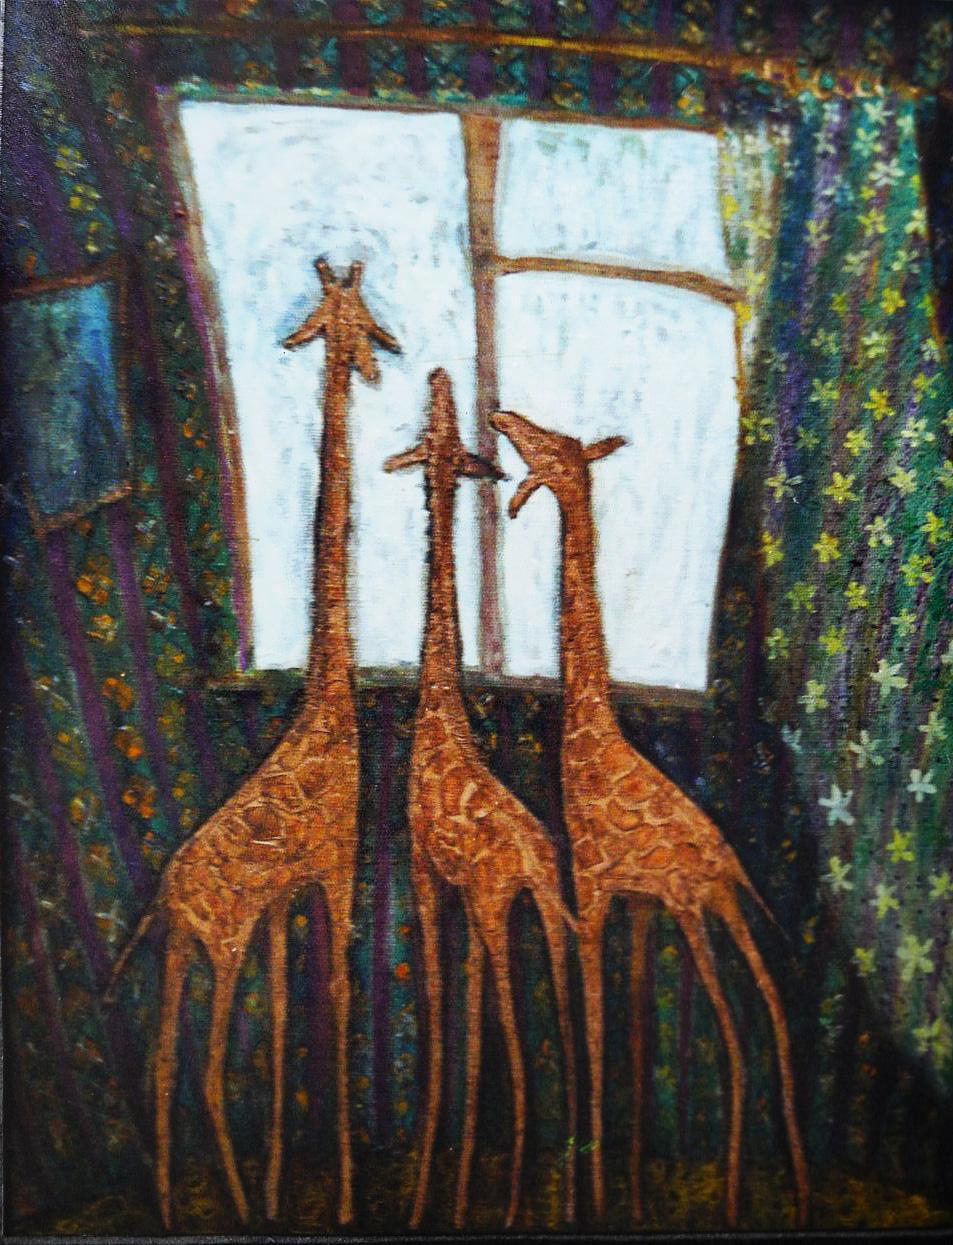 Жирафчики у окна. Художник Наталья Липкина